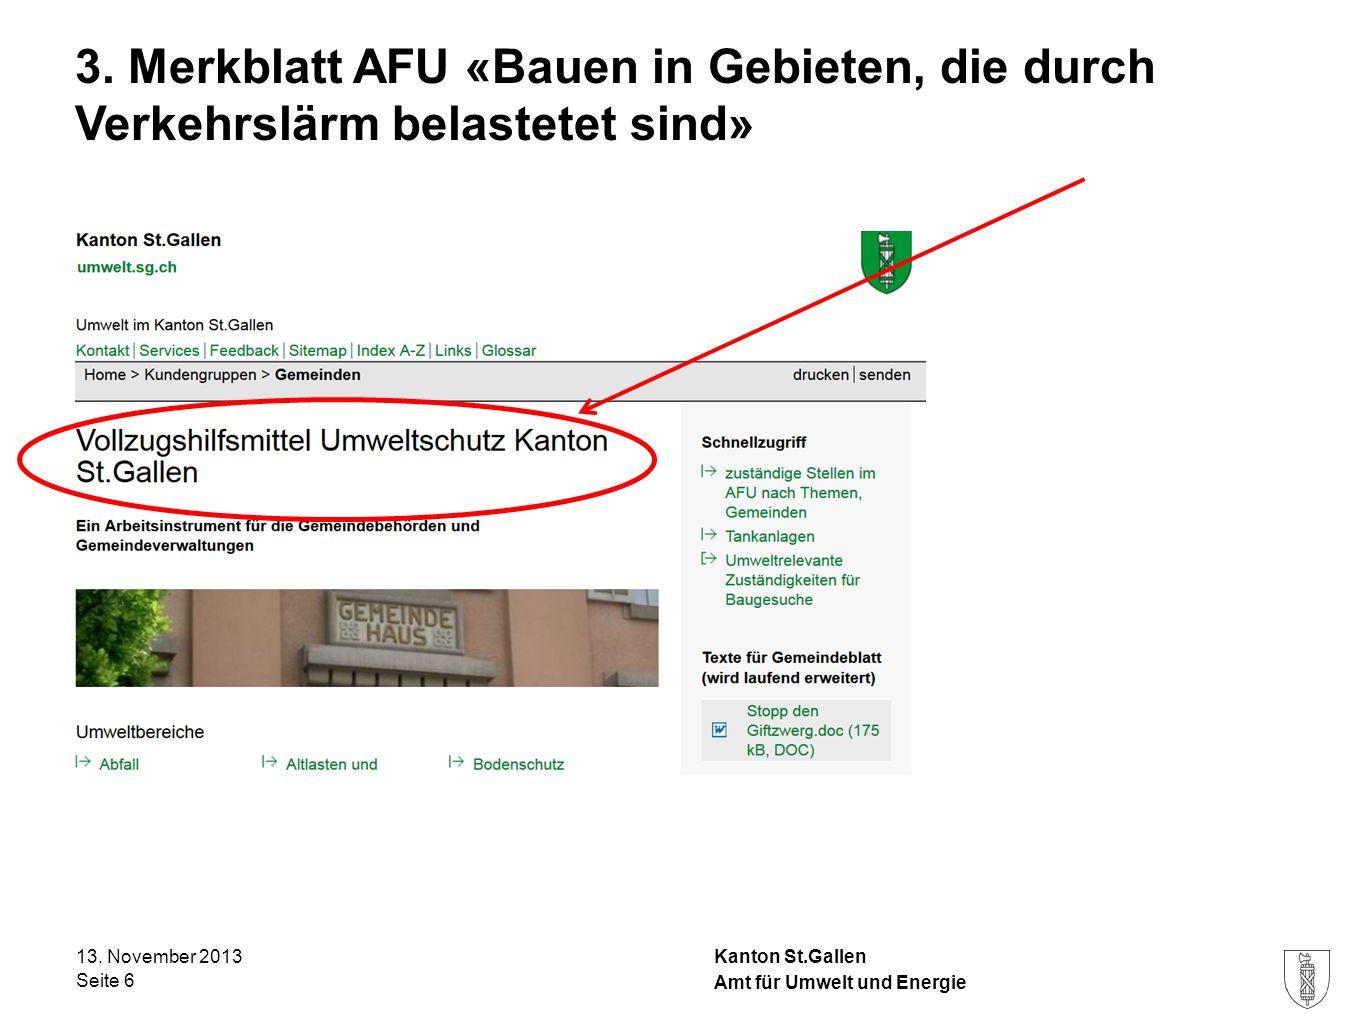 Kanton St.Gallen 3. Merkblatt AFU «Bauen in Gebieten, die durch Verkehrslärm belastetet sind» 13. November 2013 Seite 6 Amt für Umwelt und Energie